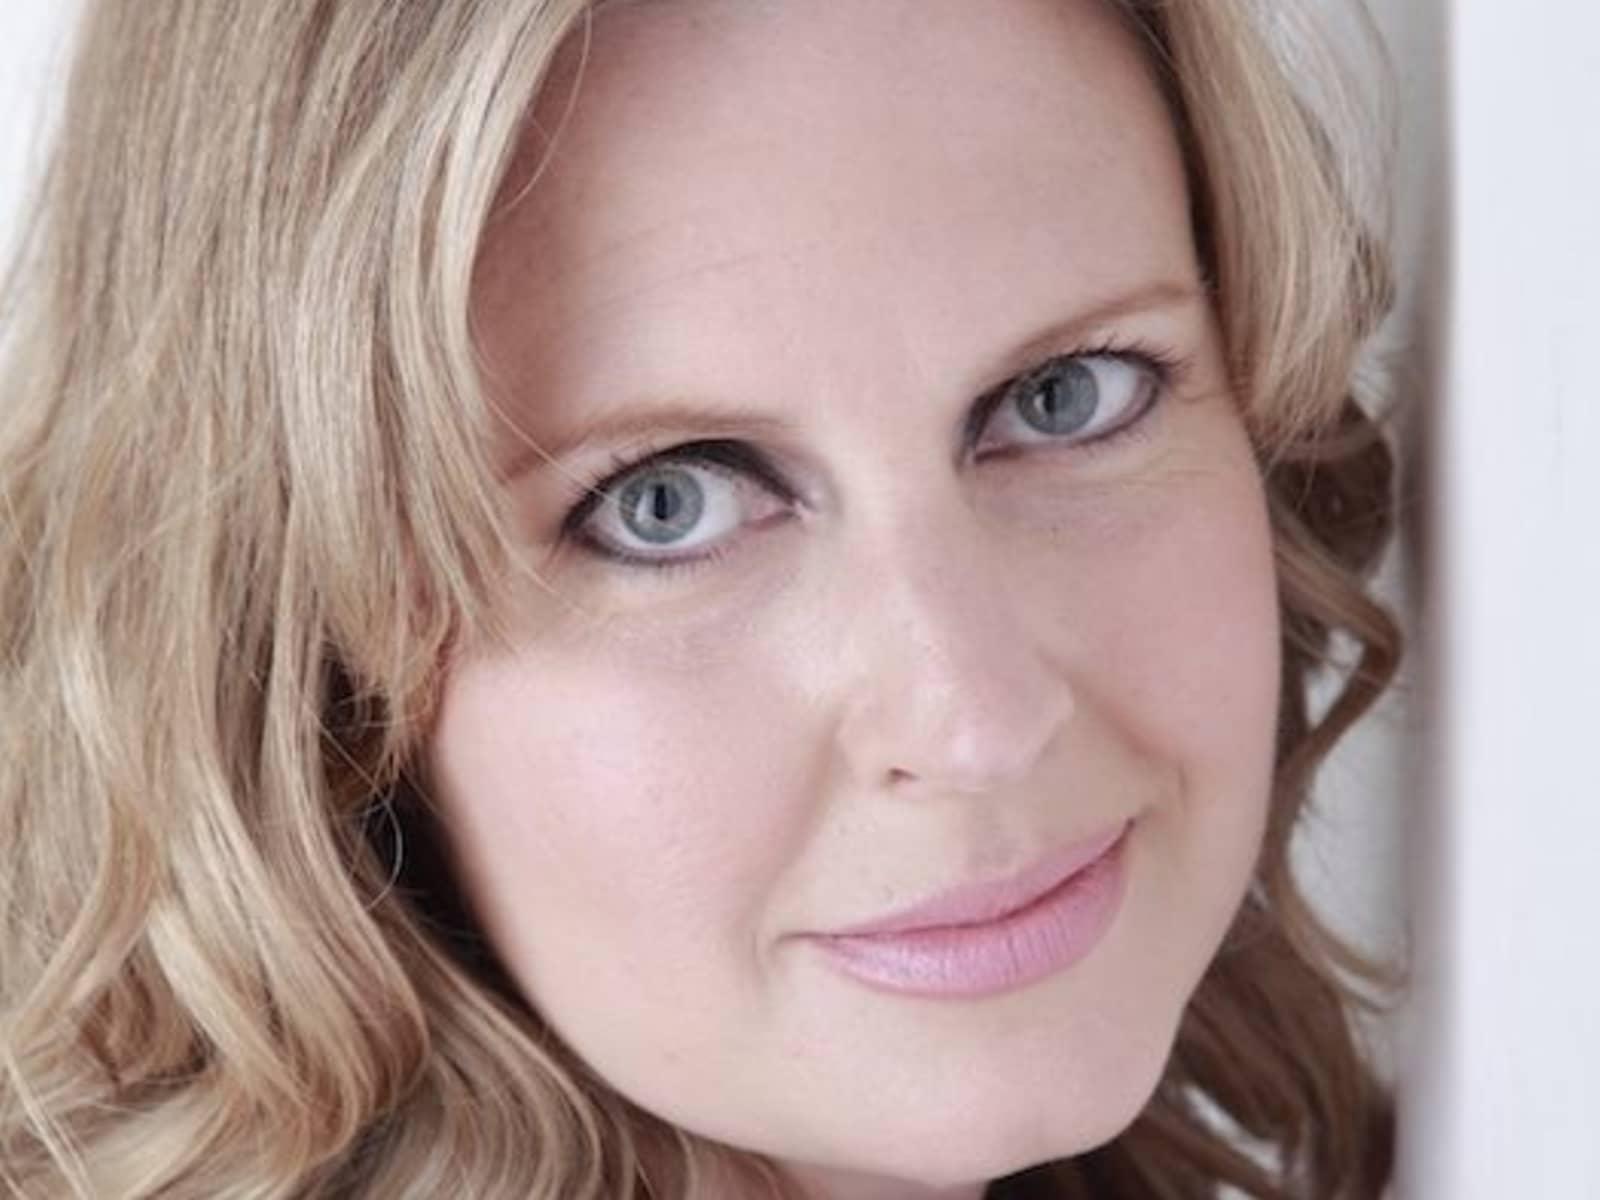 Gwendolyn from London, United Kingdom